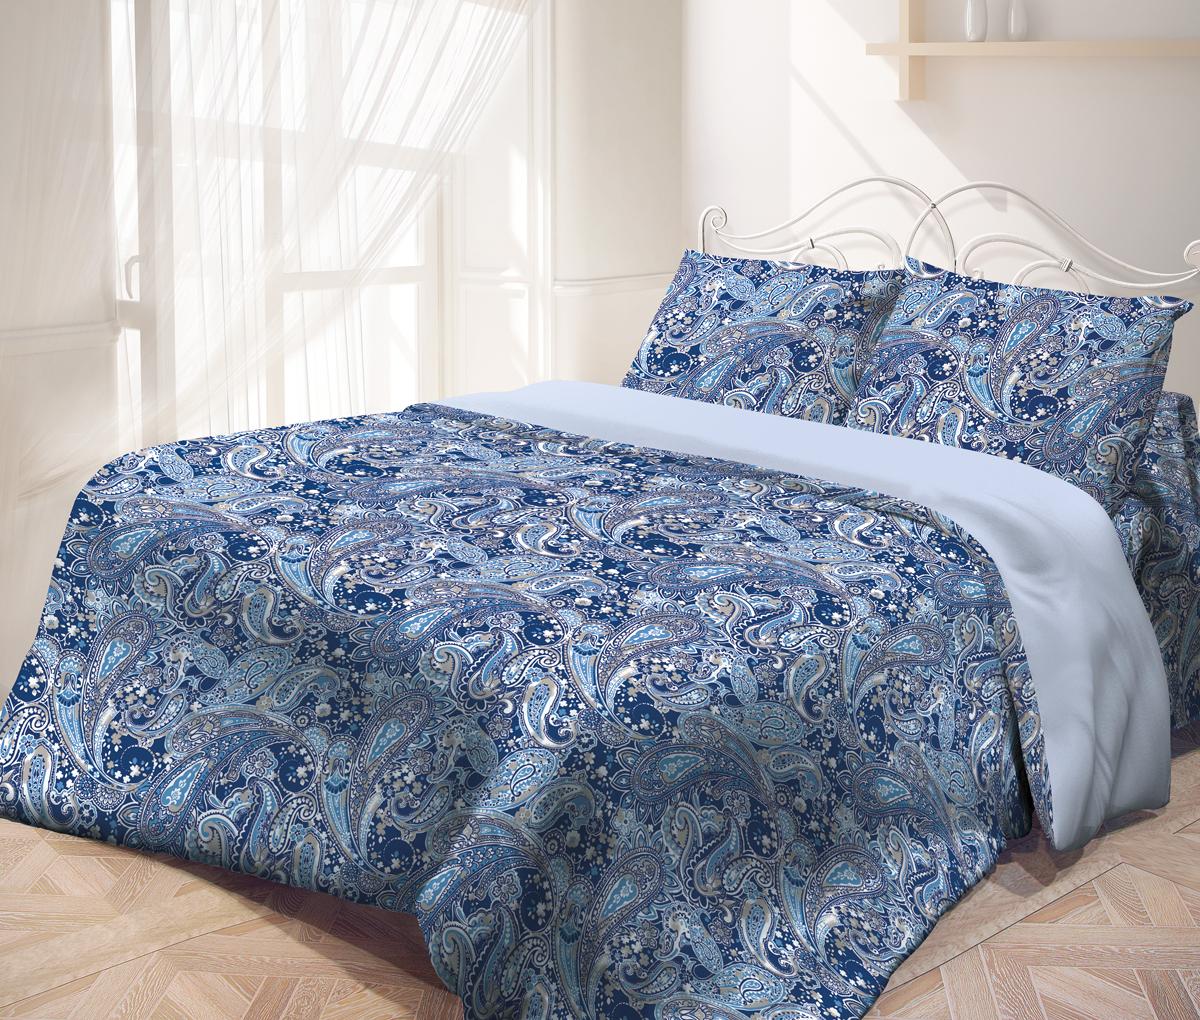 """Комплекты постельного белья """"Самойловский текстиль"""" - это максимально натуральный, естественный комфорт и невероятно приятные тактильные ощущения и актуальные современные дизайны. Чрезвычайно мягкая на ощупь поверхность хлопковой ткани Cottonsoft - будто нежный и мягкий лепесток цветка. Она имеет бархатистую структуру благодаря использованию особого сырья и технологий при производстве. Неприхотливая в уходе, 100% натуральная, износостойкая, но самое главное - особенно мягкая, она безусловно понравится тем, кто любит понежиться в постели и станет отличной альтернативой традиционным комплектам из тканей полотняной структуры.  Советы по выбору постельного белья от блогера Ирины Соковых. Статья OZON Гид"""